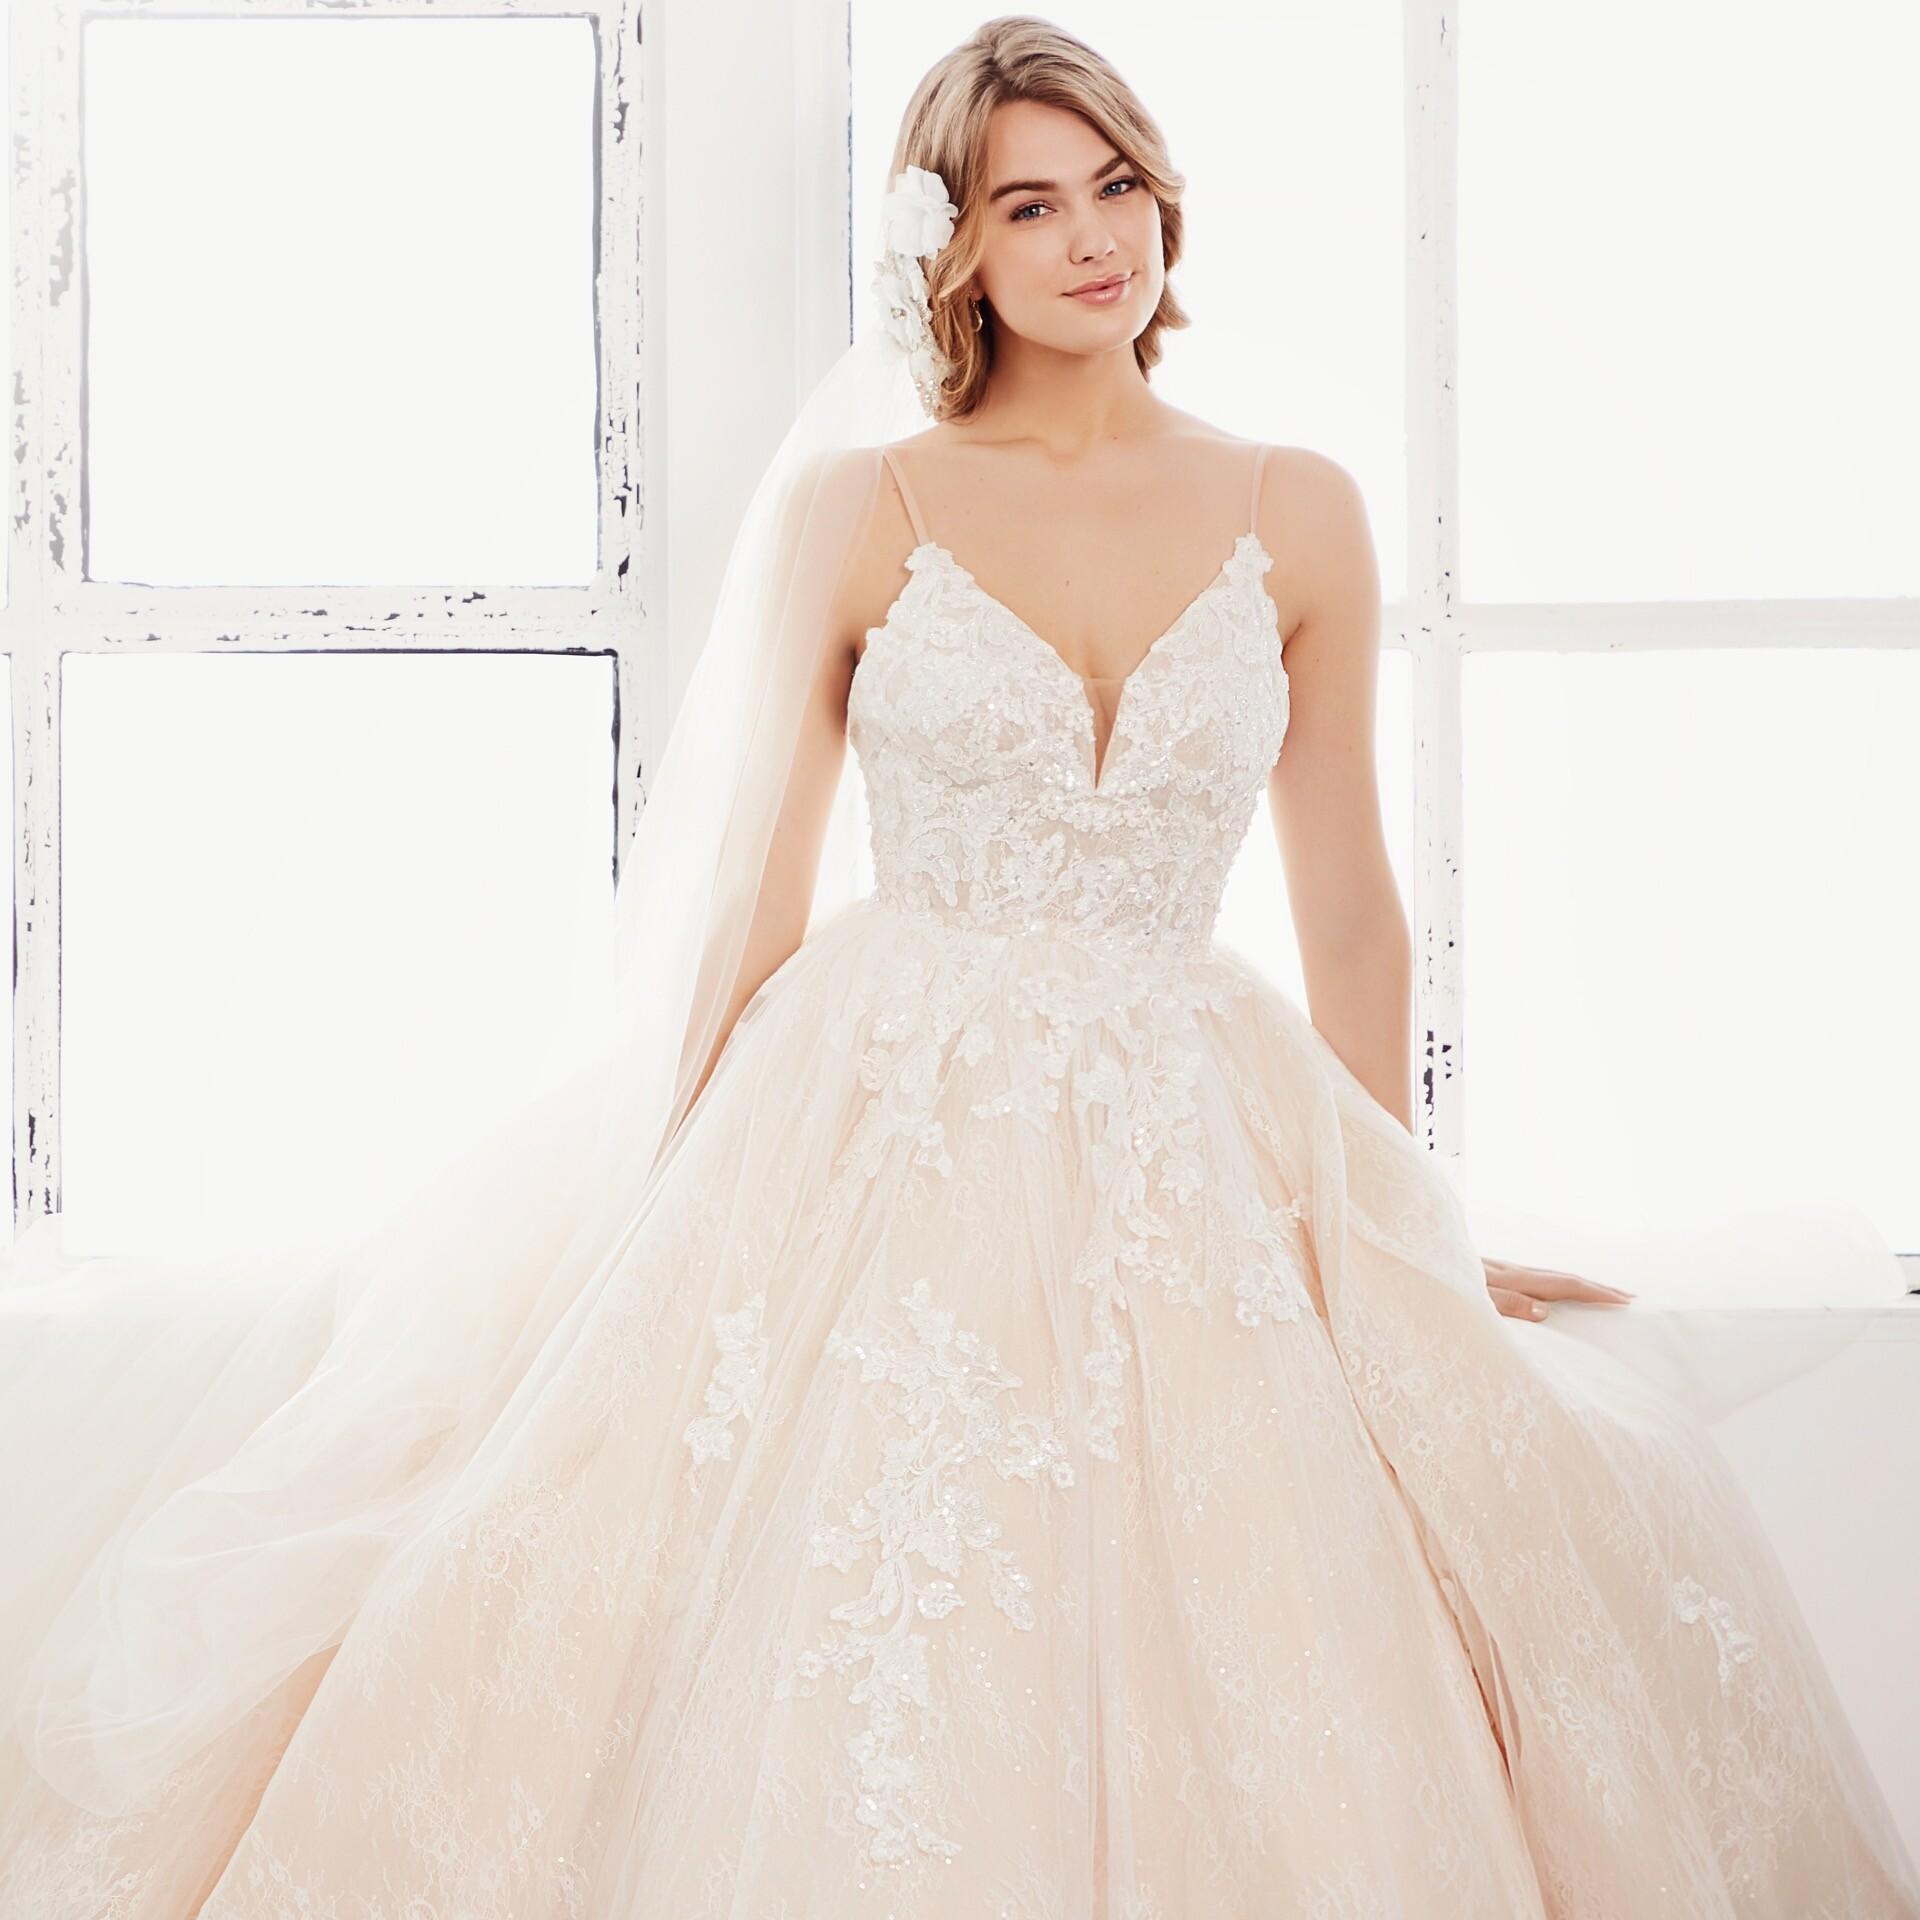 Brautkleid von Passions by Lilly Style 08-4192